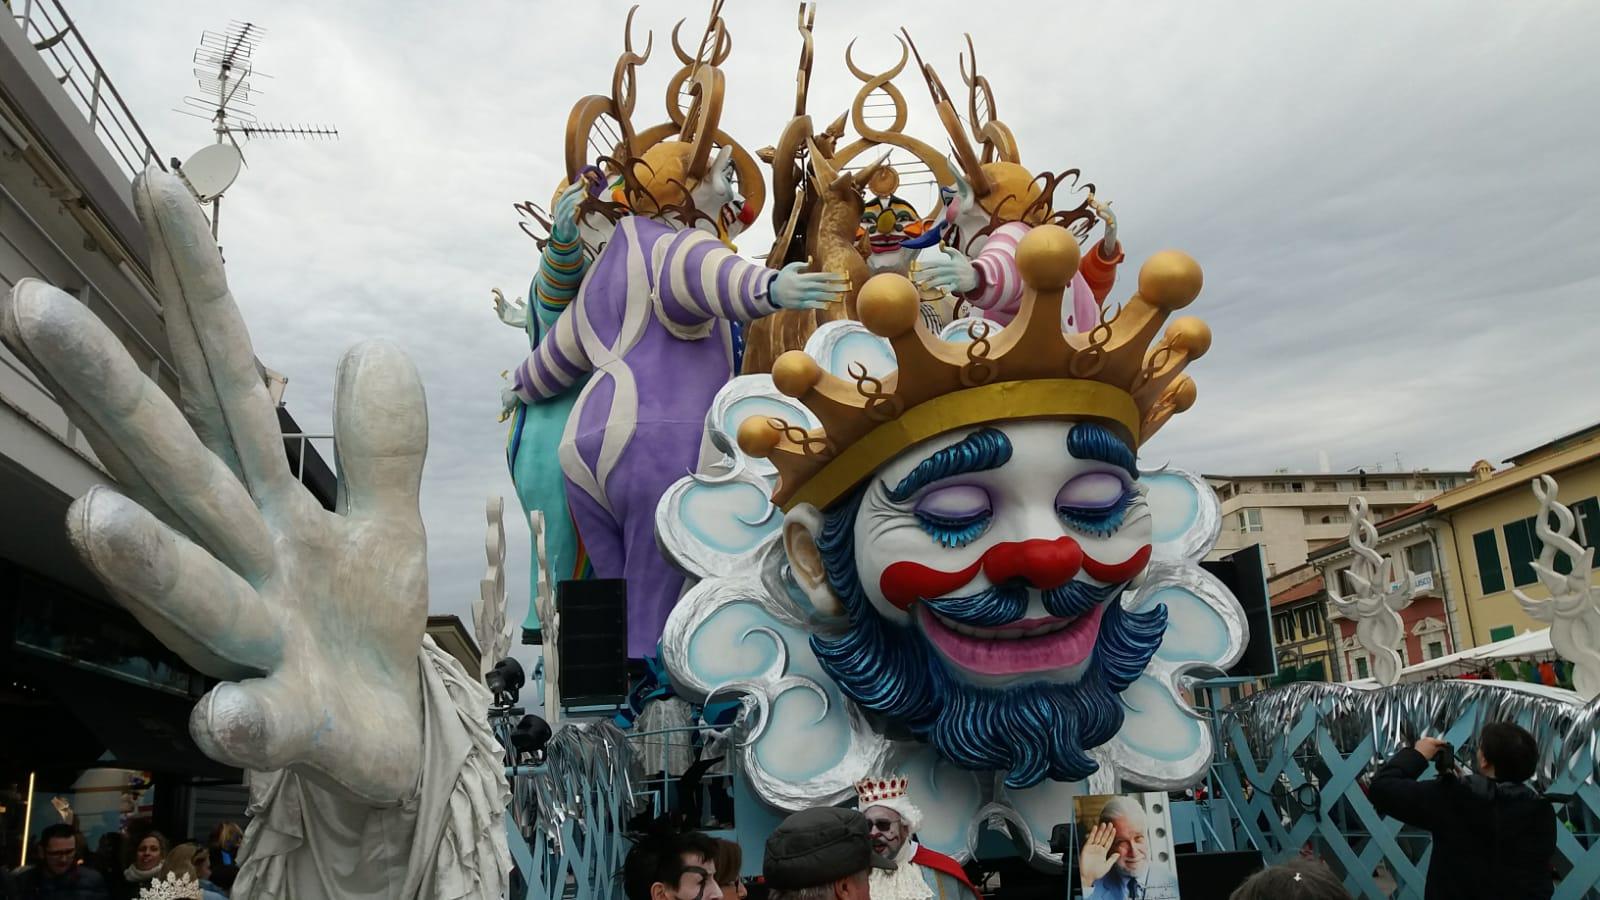 Carnevale di Viareggio, dai viali a mare le primi immagini dei carri al secondo corso